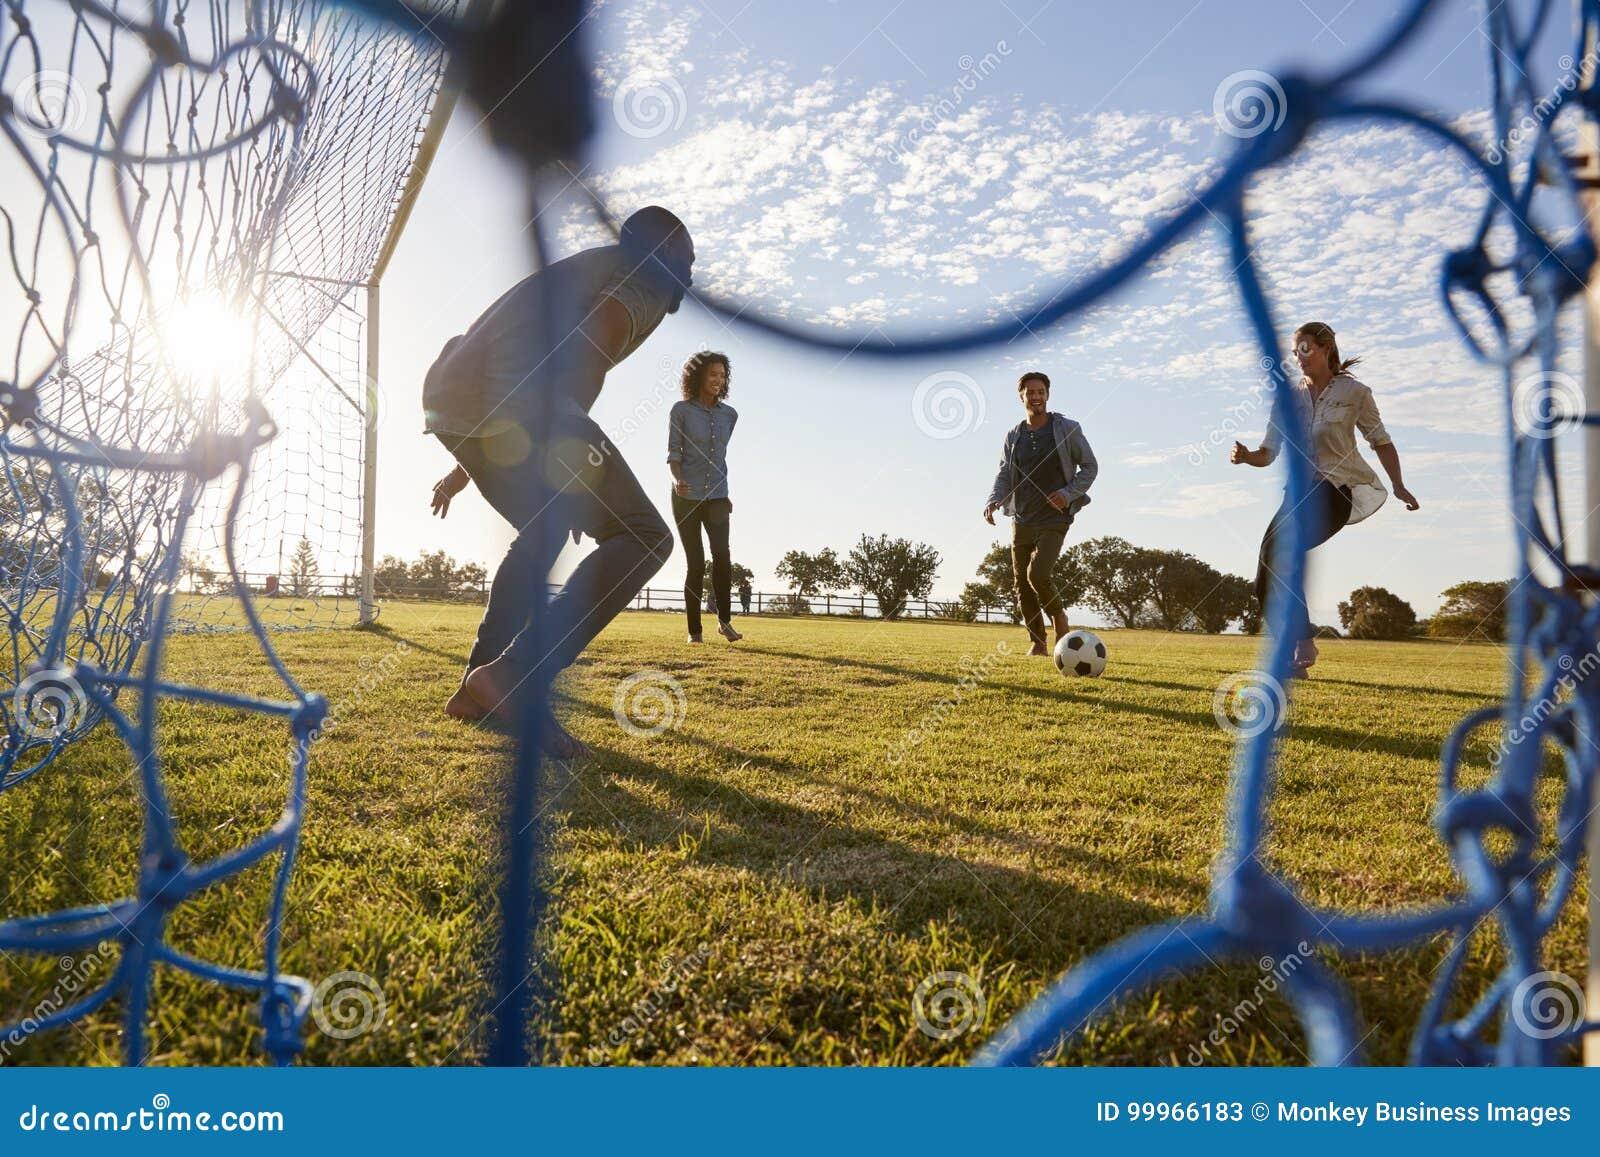 Νέα τρεξίματα γυναικών σε ένα ποδόσφαιρο παίζοντας με τους φίλους